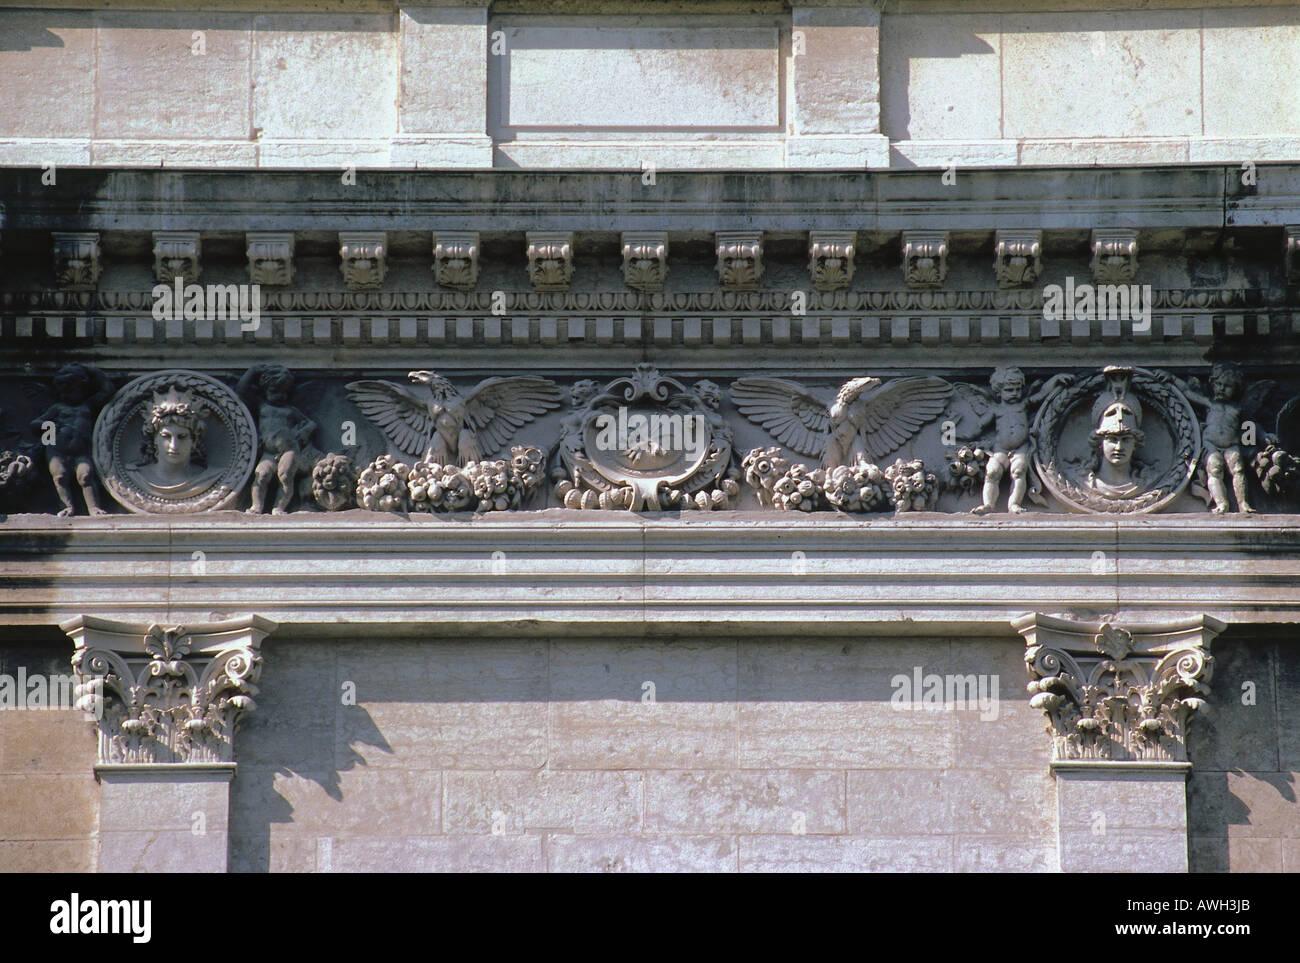 Germany, Bavaria, Munich, Akademie der Bildenden Künste, highly ornamented terracotta frieze on window - Stock Image